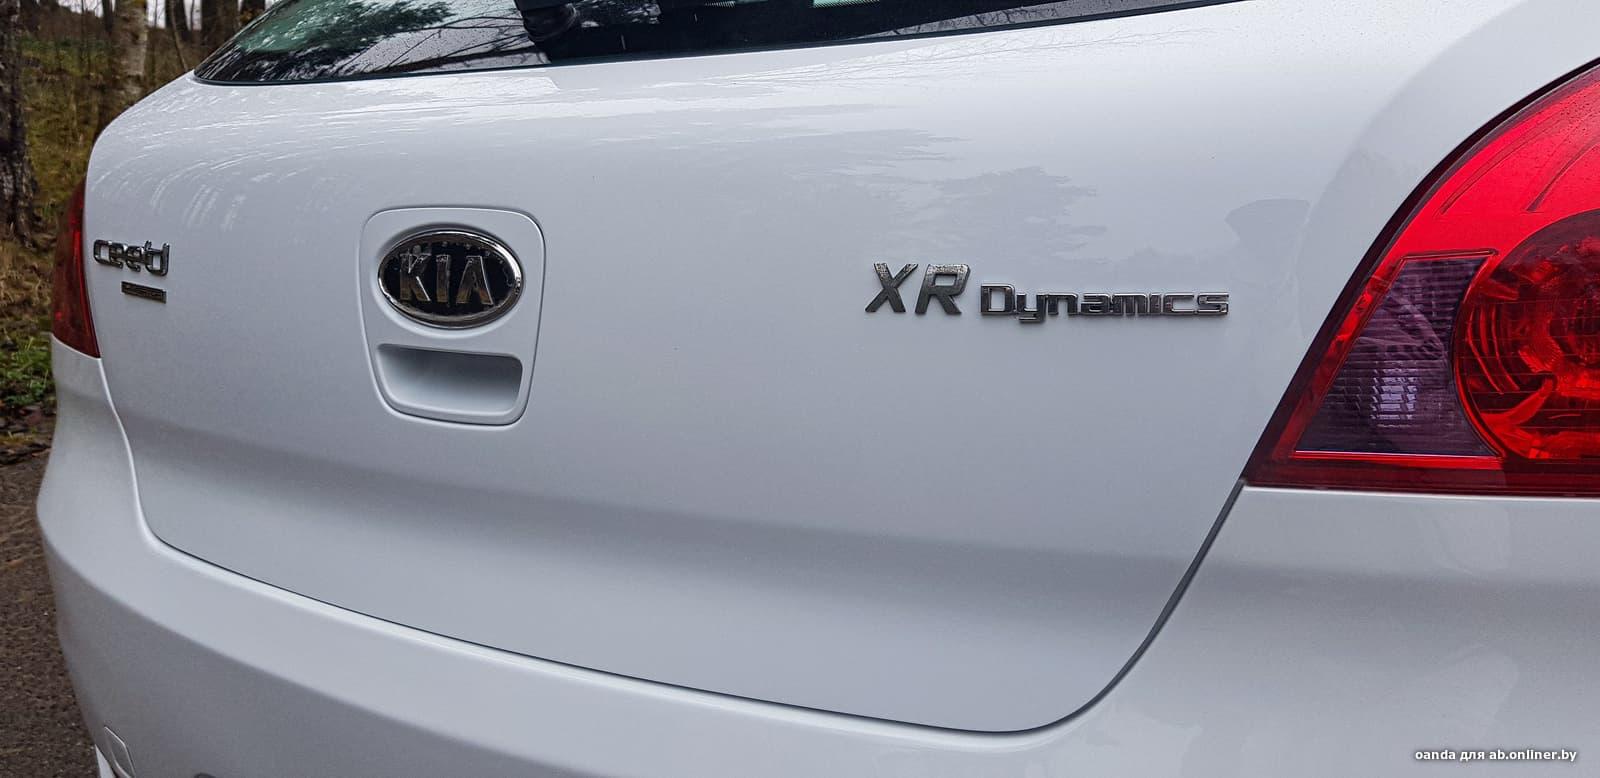 Kia Cee'd XR Dynamics